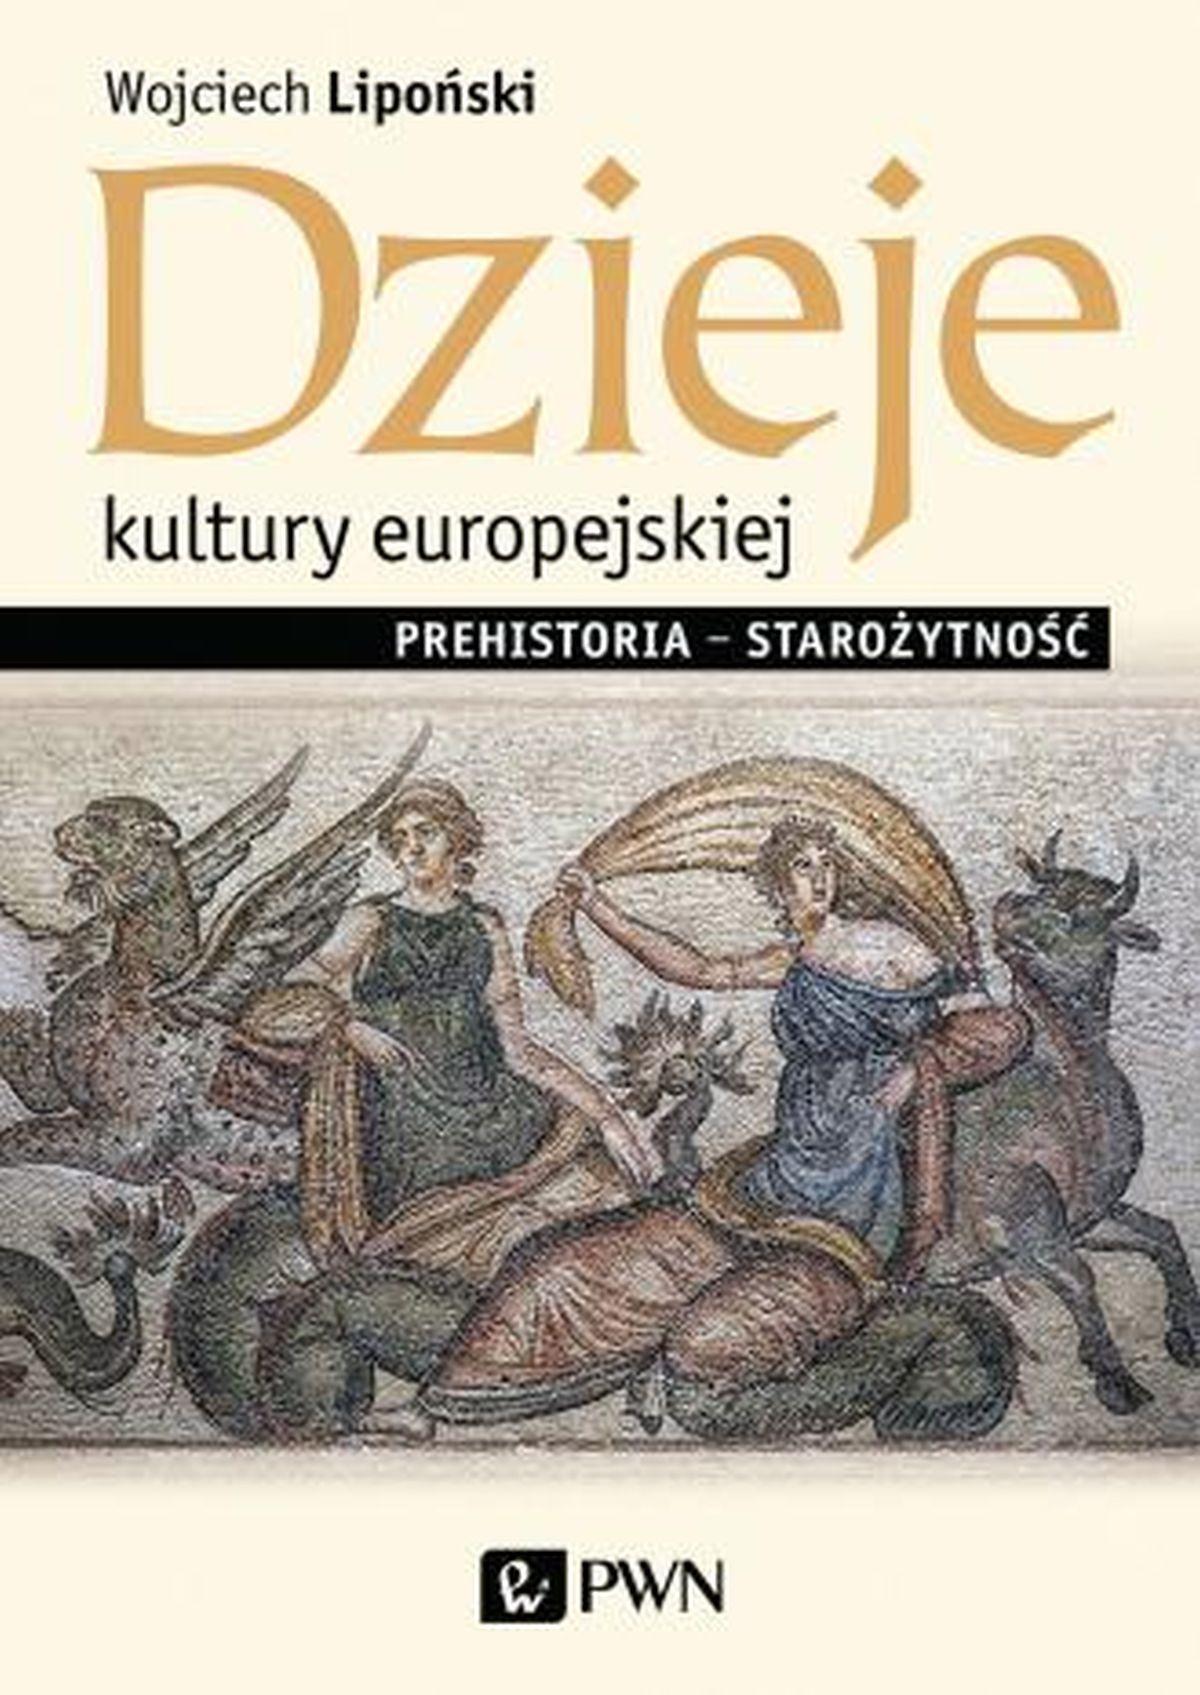 Wojciech Lipoński, Dzieje kultury europejskiej. Prehistoria - starożytność